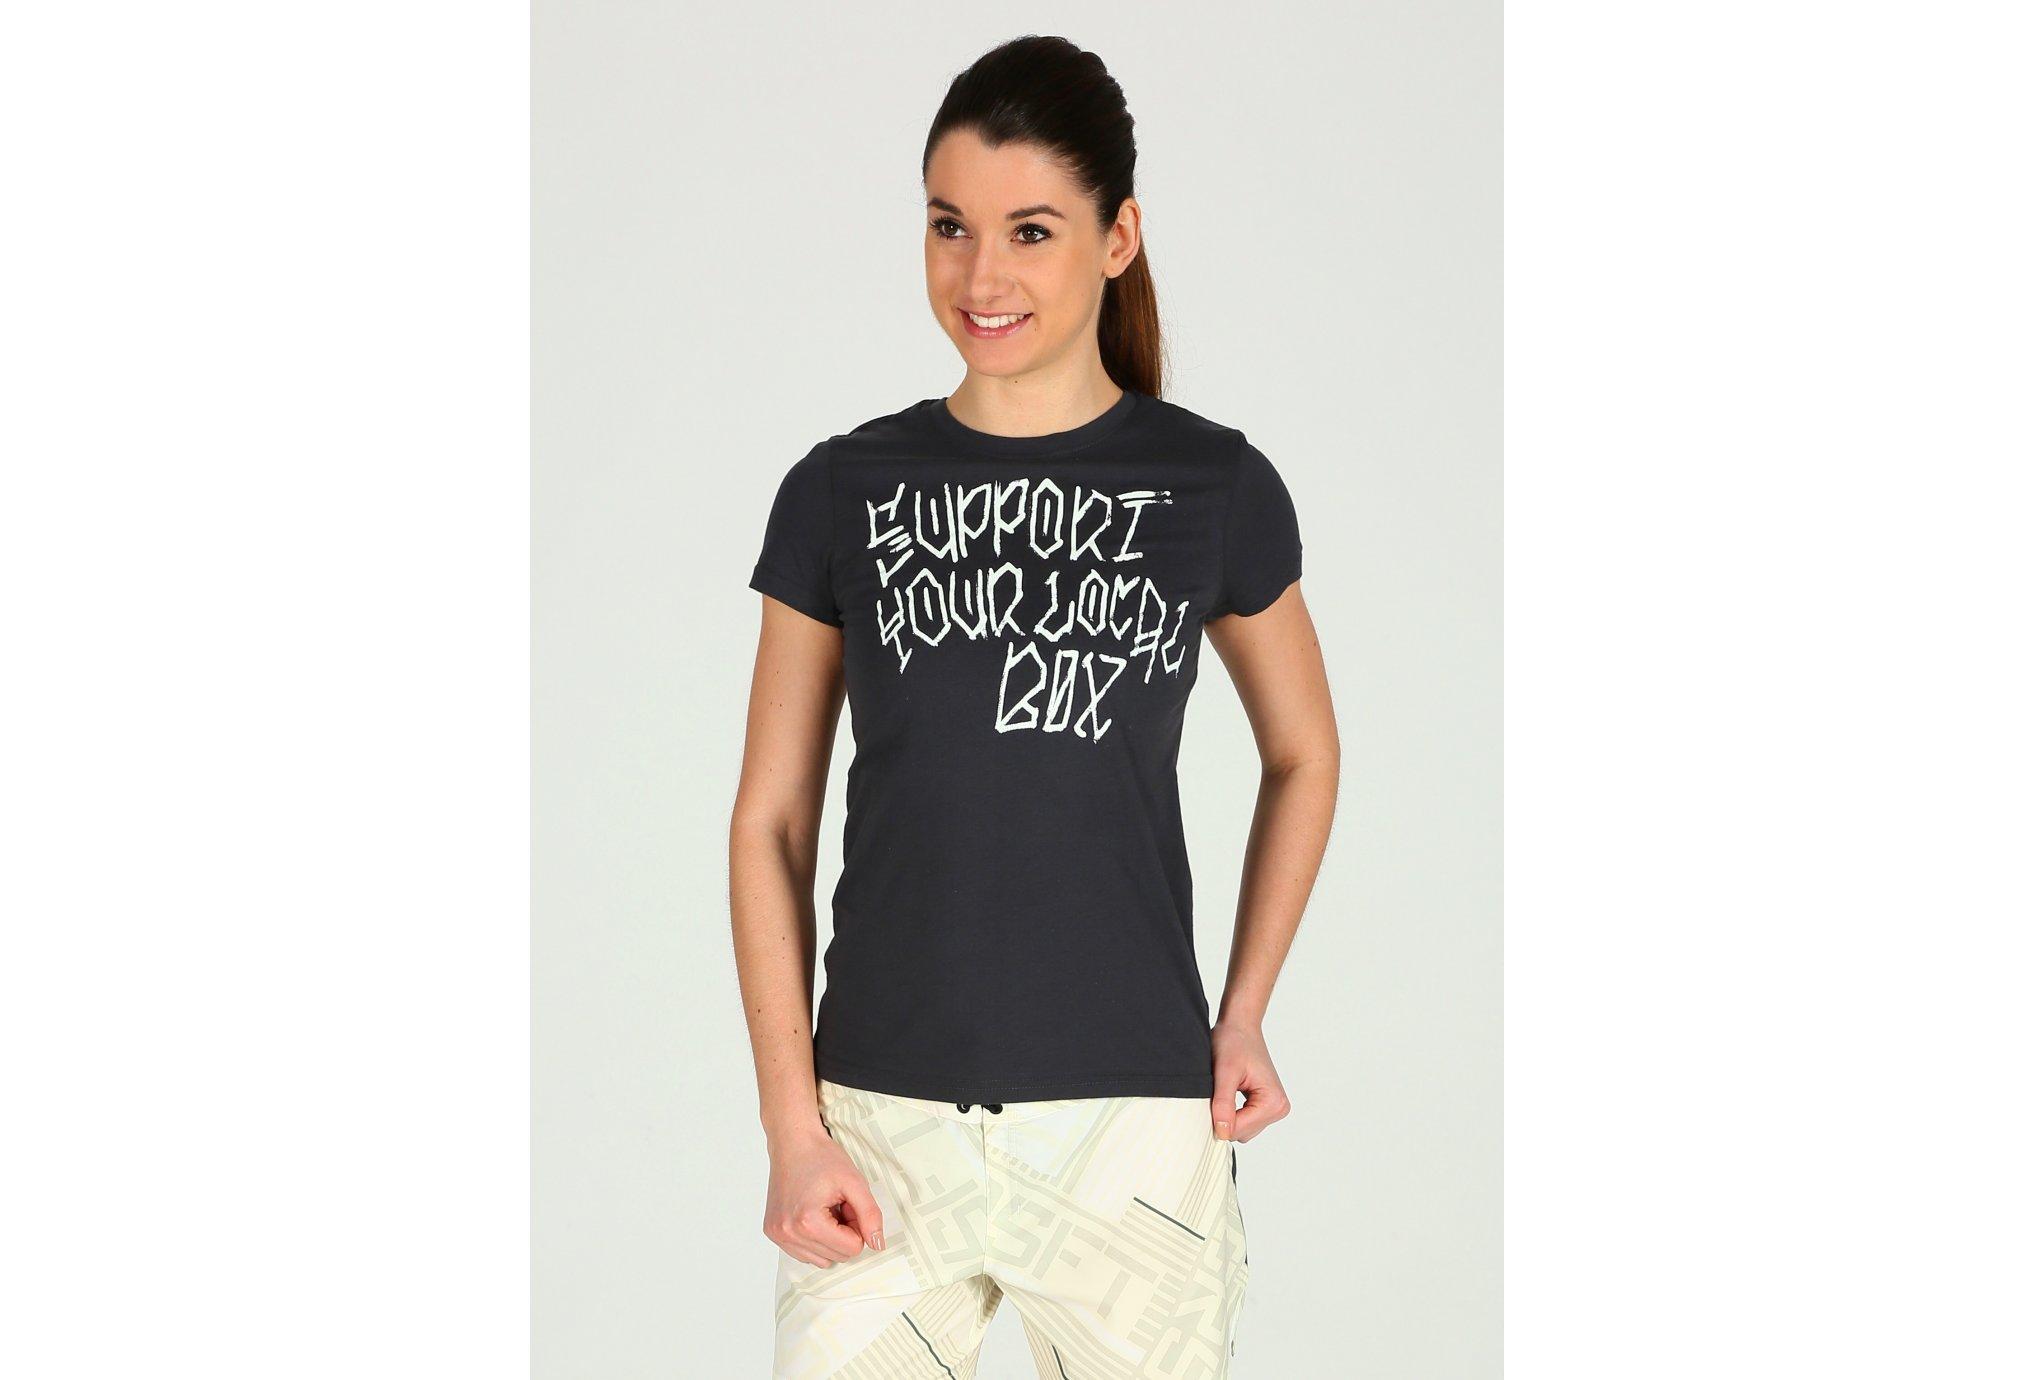 Reebok Crossfit Support Your Local Box W Diététique Vêtements femme